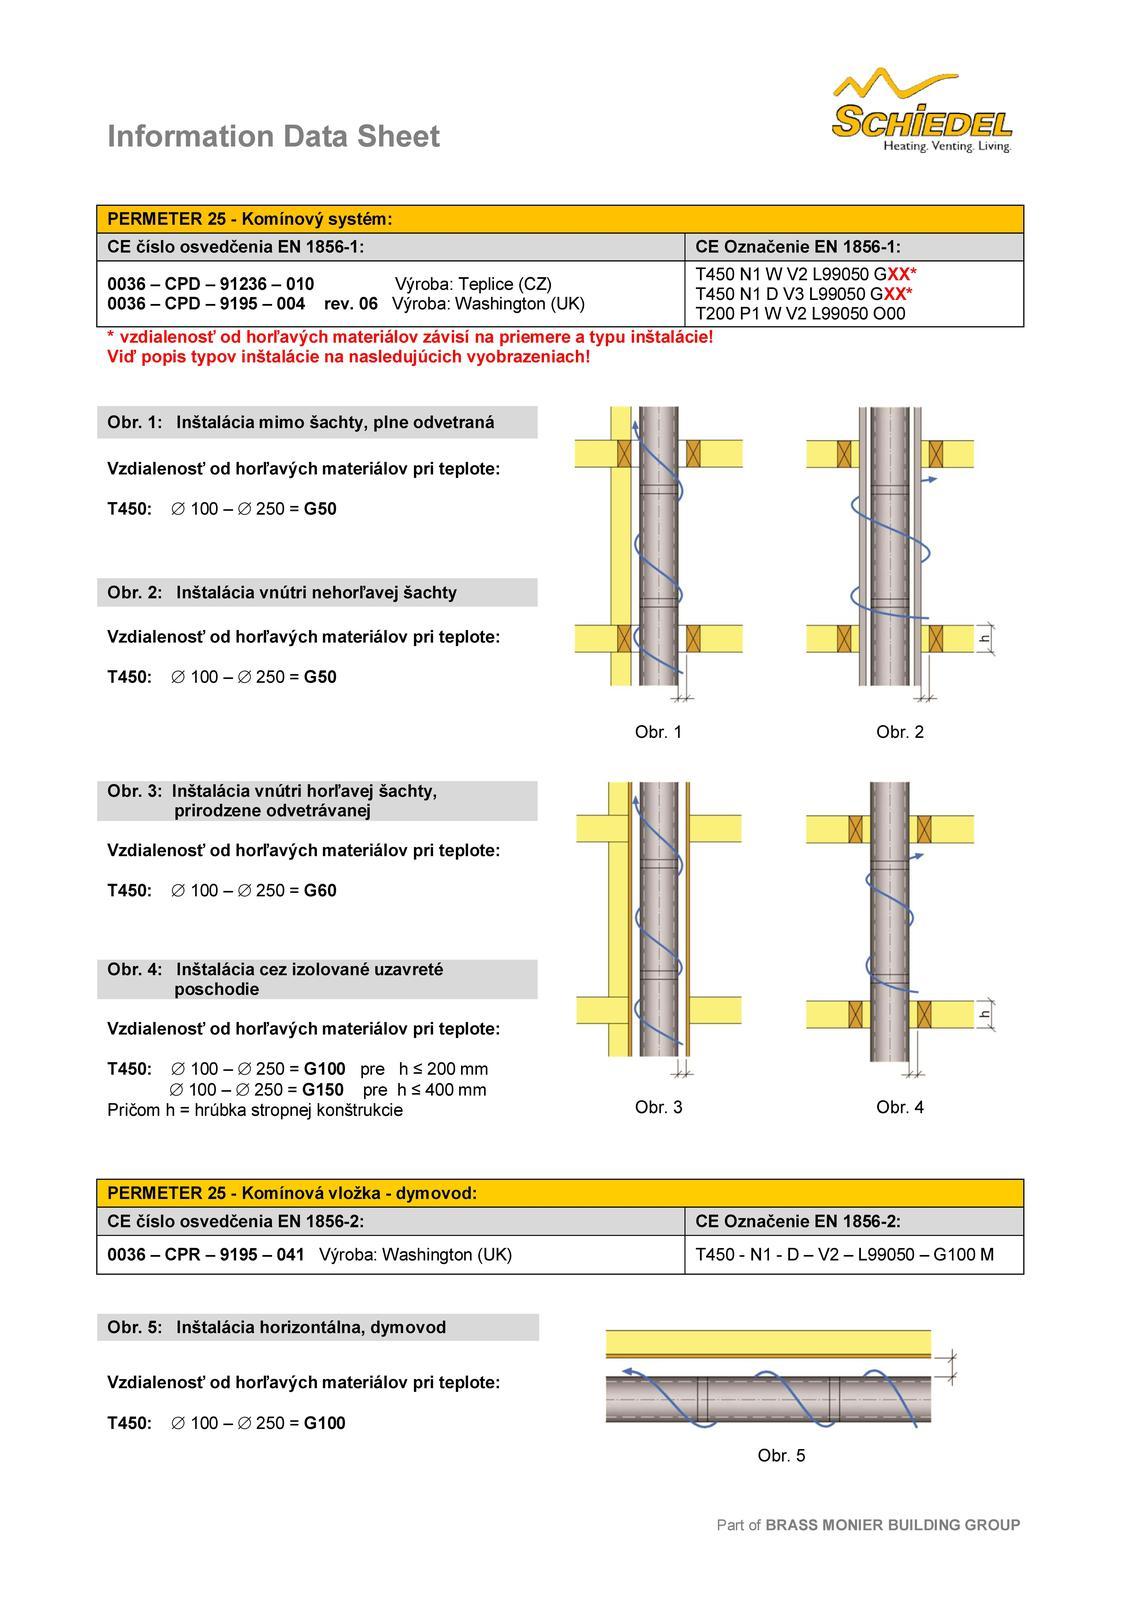 Aké sú bezpečné odstupy komínového telesa Schiedel PERMETER 25? - Obrázok č. 2